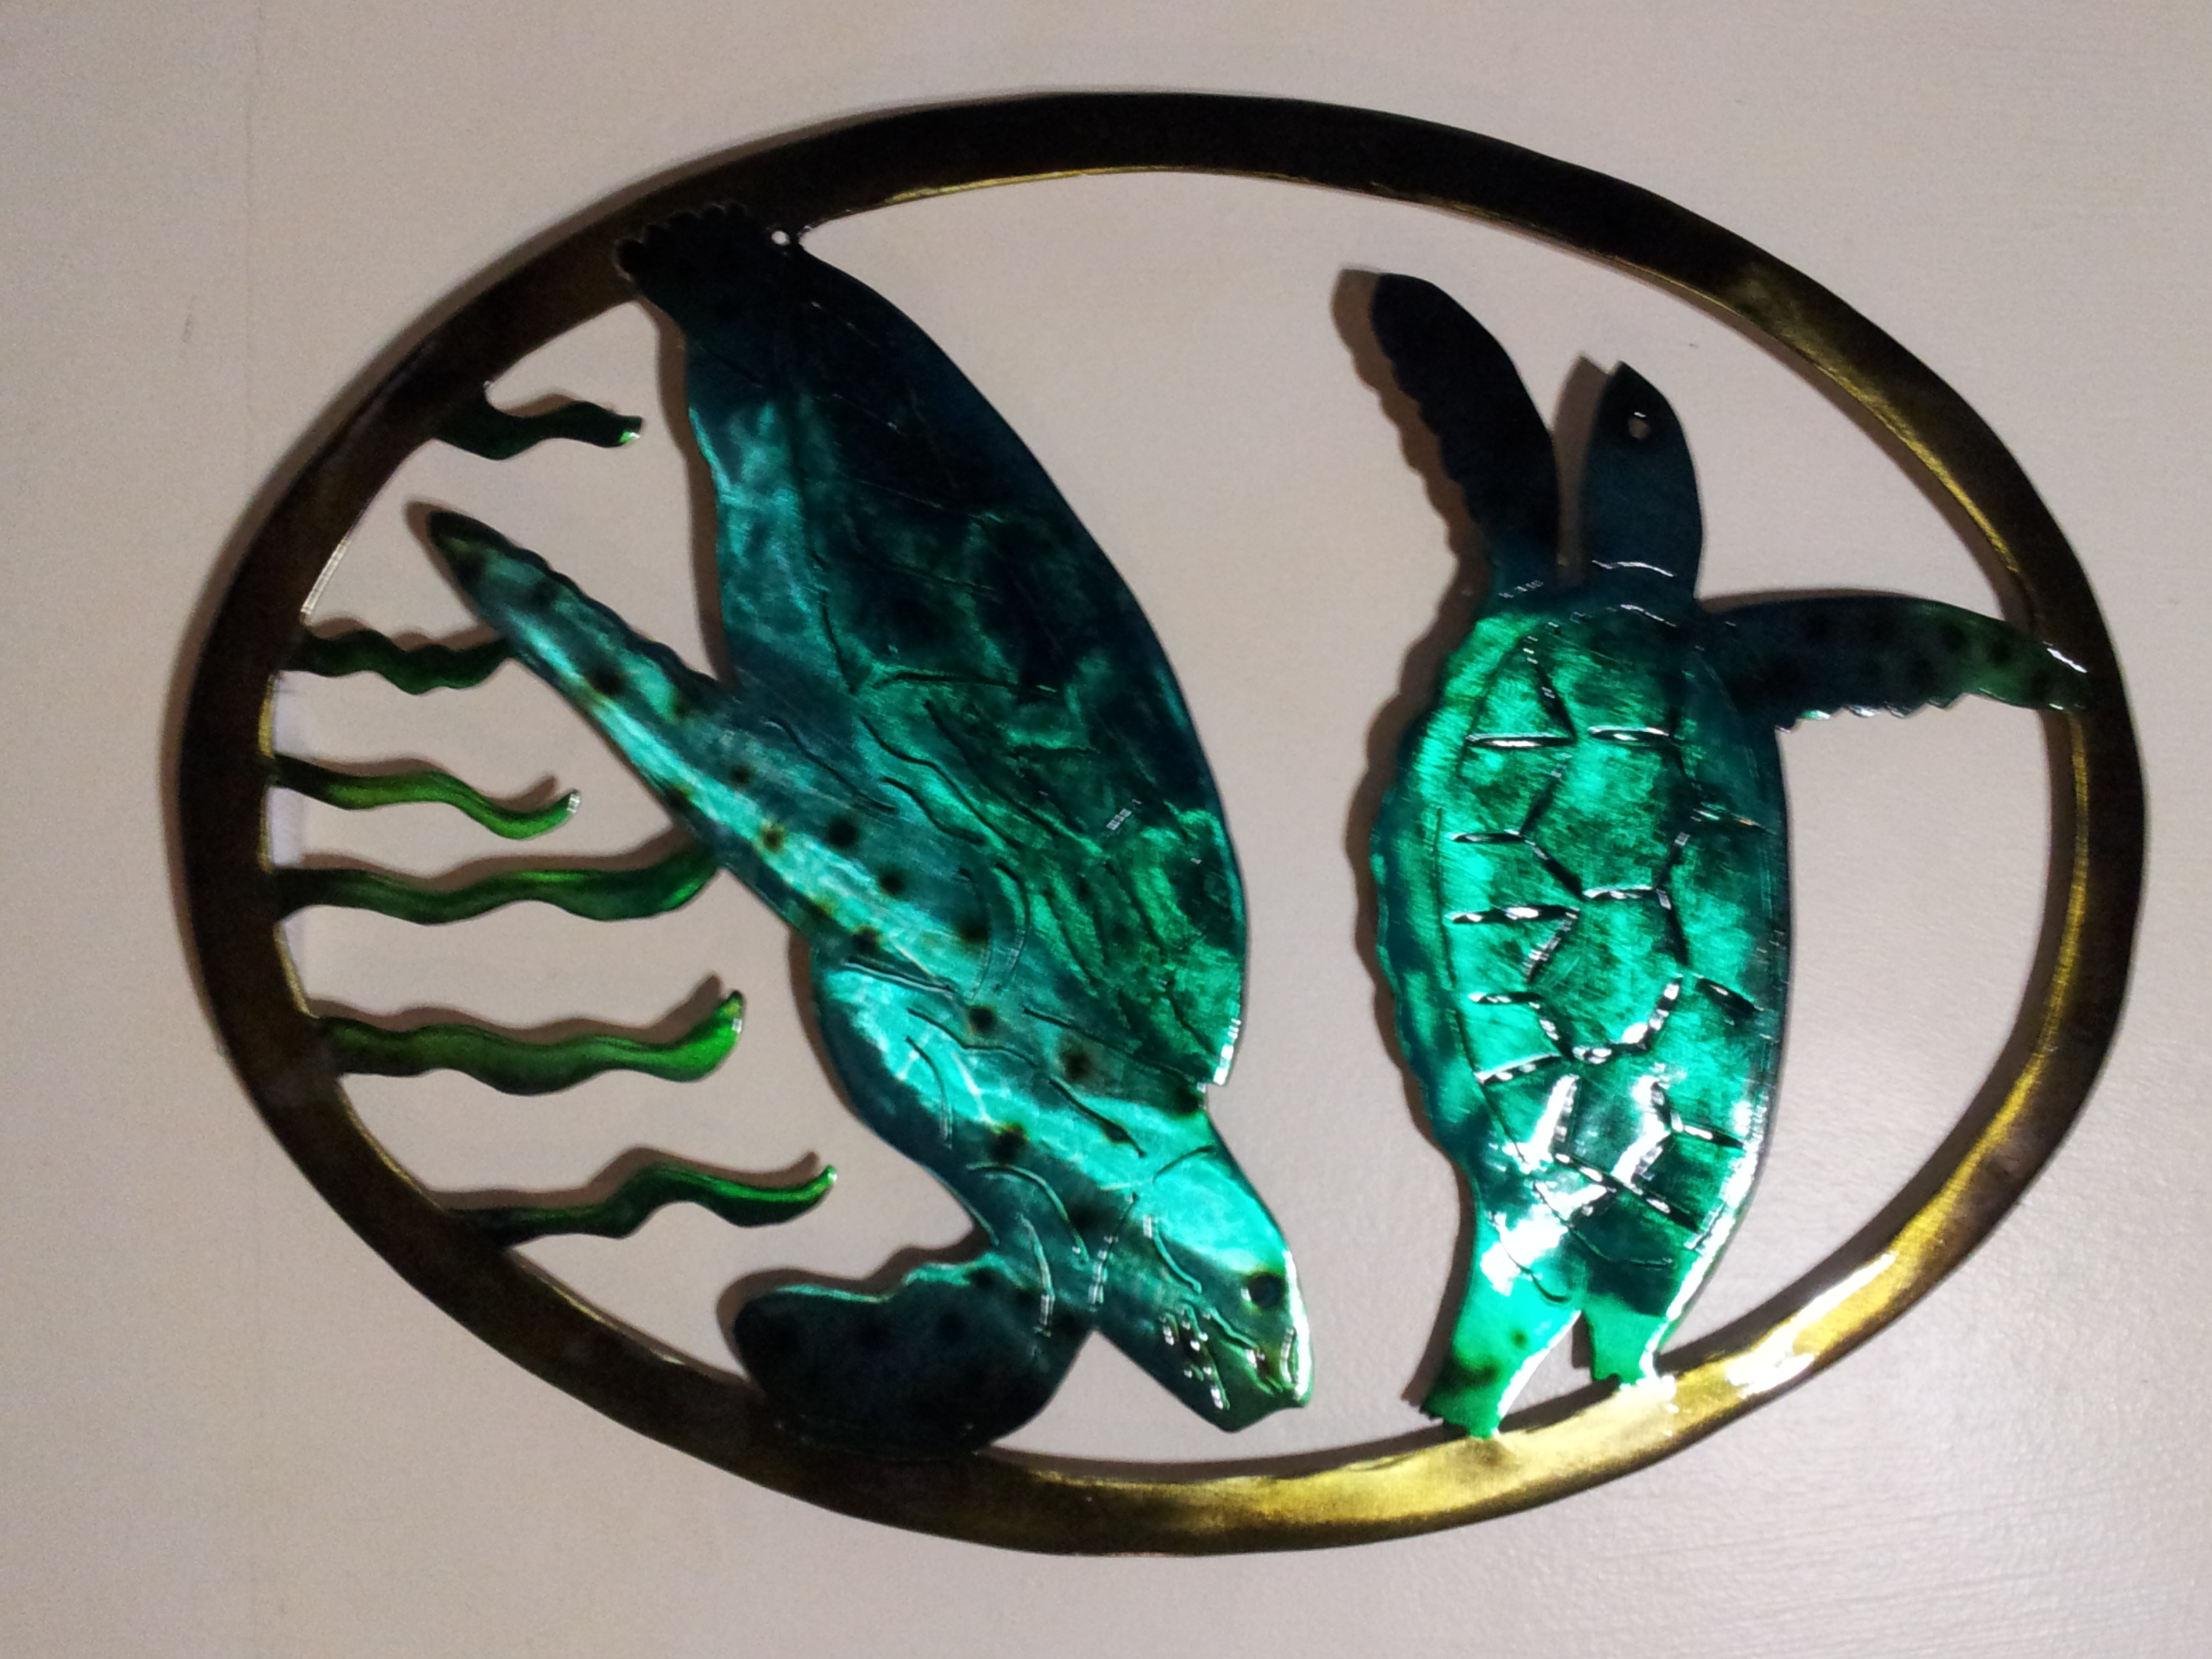 Green Sea Turtles Swimming